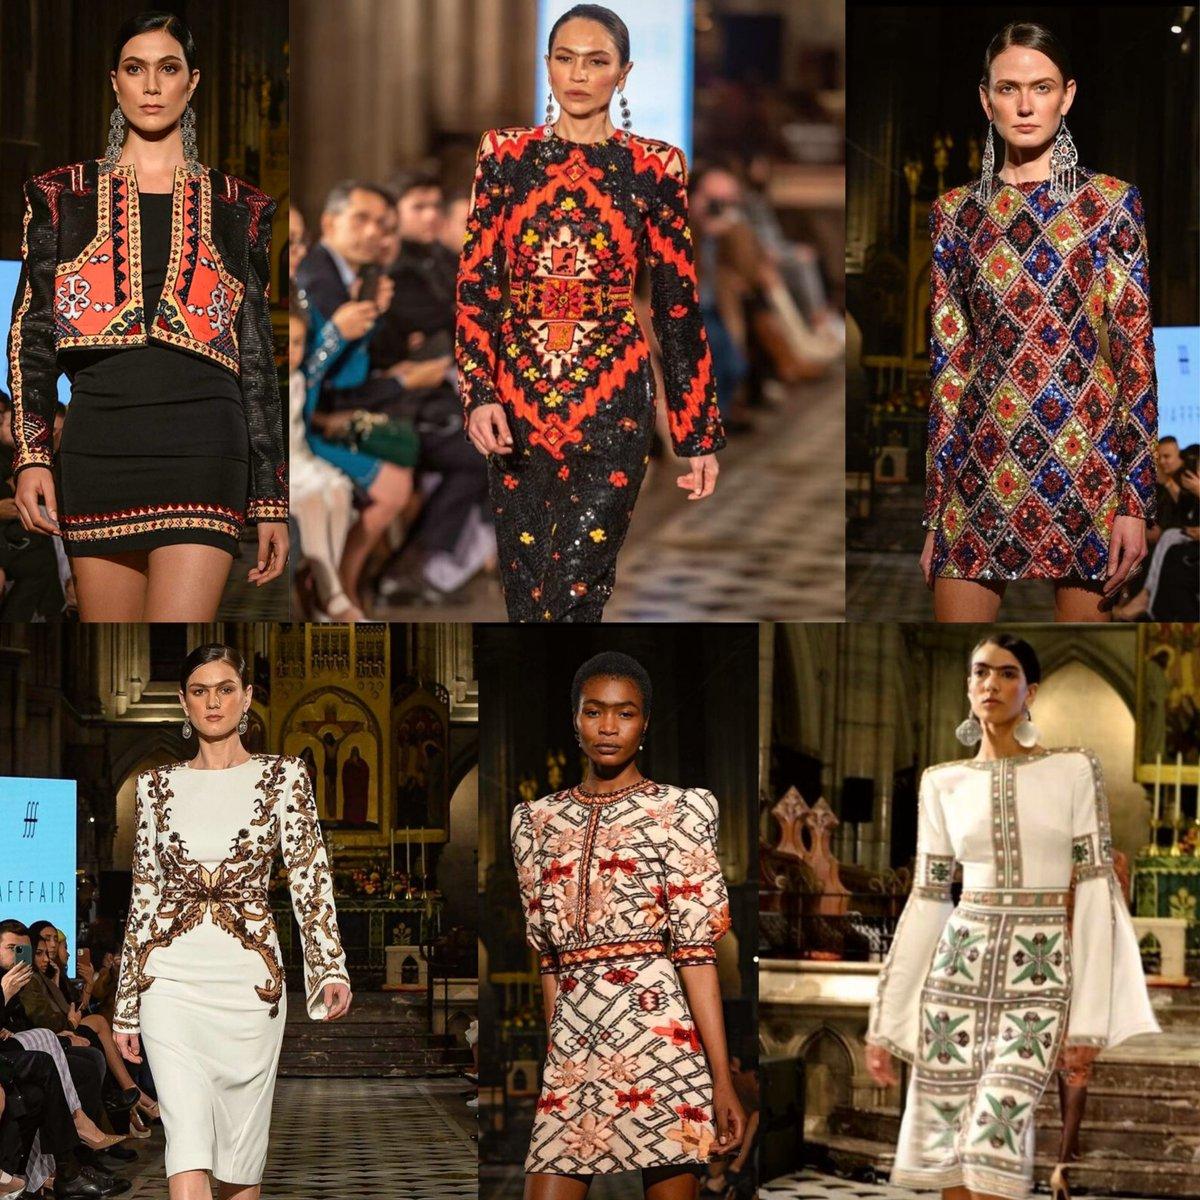 Félicitation à #RufatIsmayil créateur 🇦🇿 qui a participé à la #FashionWeek de Paris 2021. Sa nouvelle collection haute couture appelée « Sumakh » est composée de 21 robes. Chaque pièce est faite à la main et a été inspirée des tapis traditionnels azerbaïdjanais. #parisfw